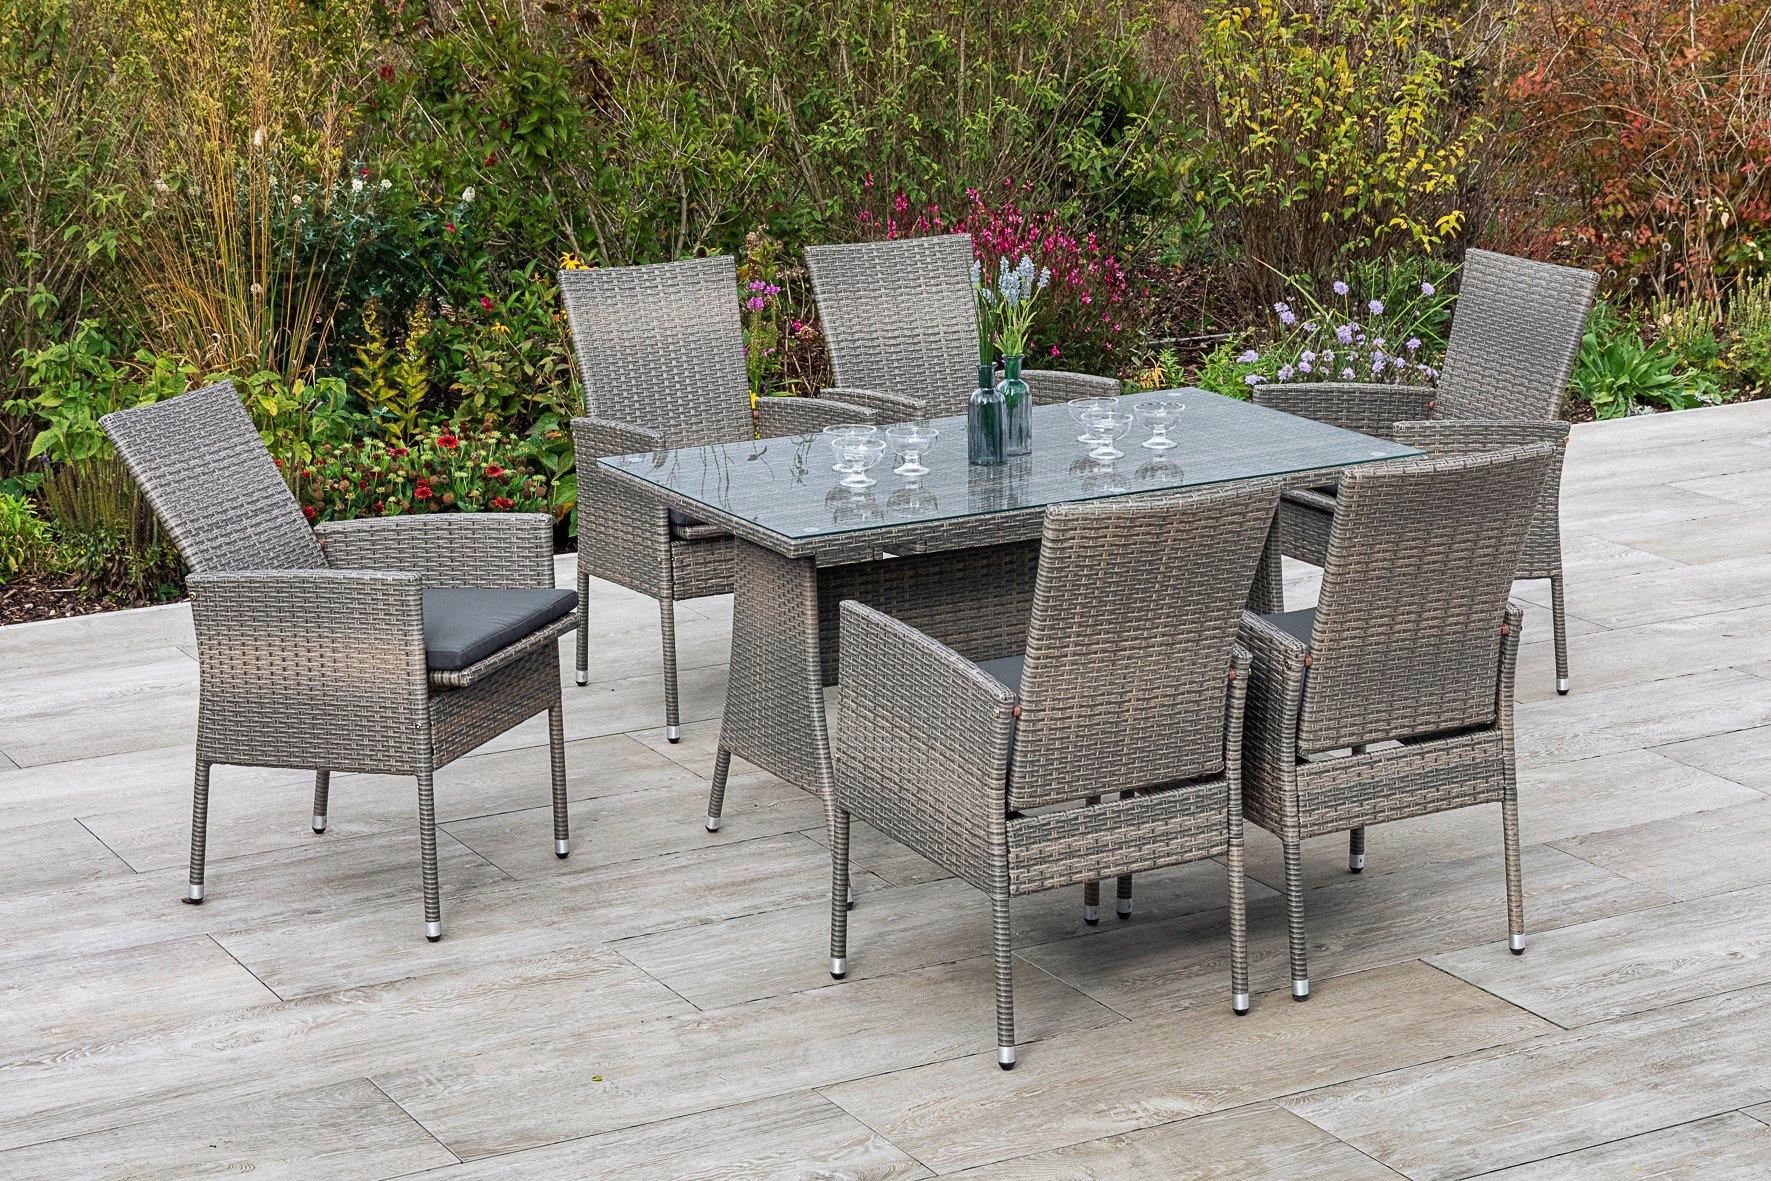 MERXX Tuinmeubelset Sevilla 6 fauteuils met zitkussen, tafel, steenbeige (7 delig) in de webshop van OTTO kopen